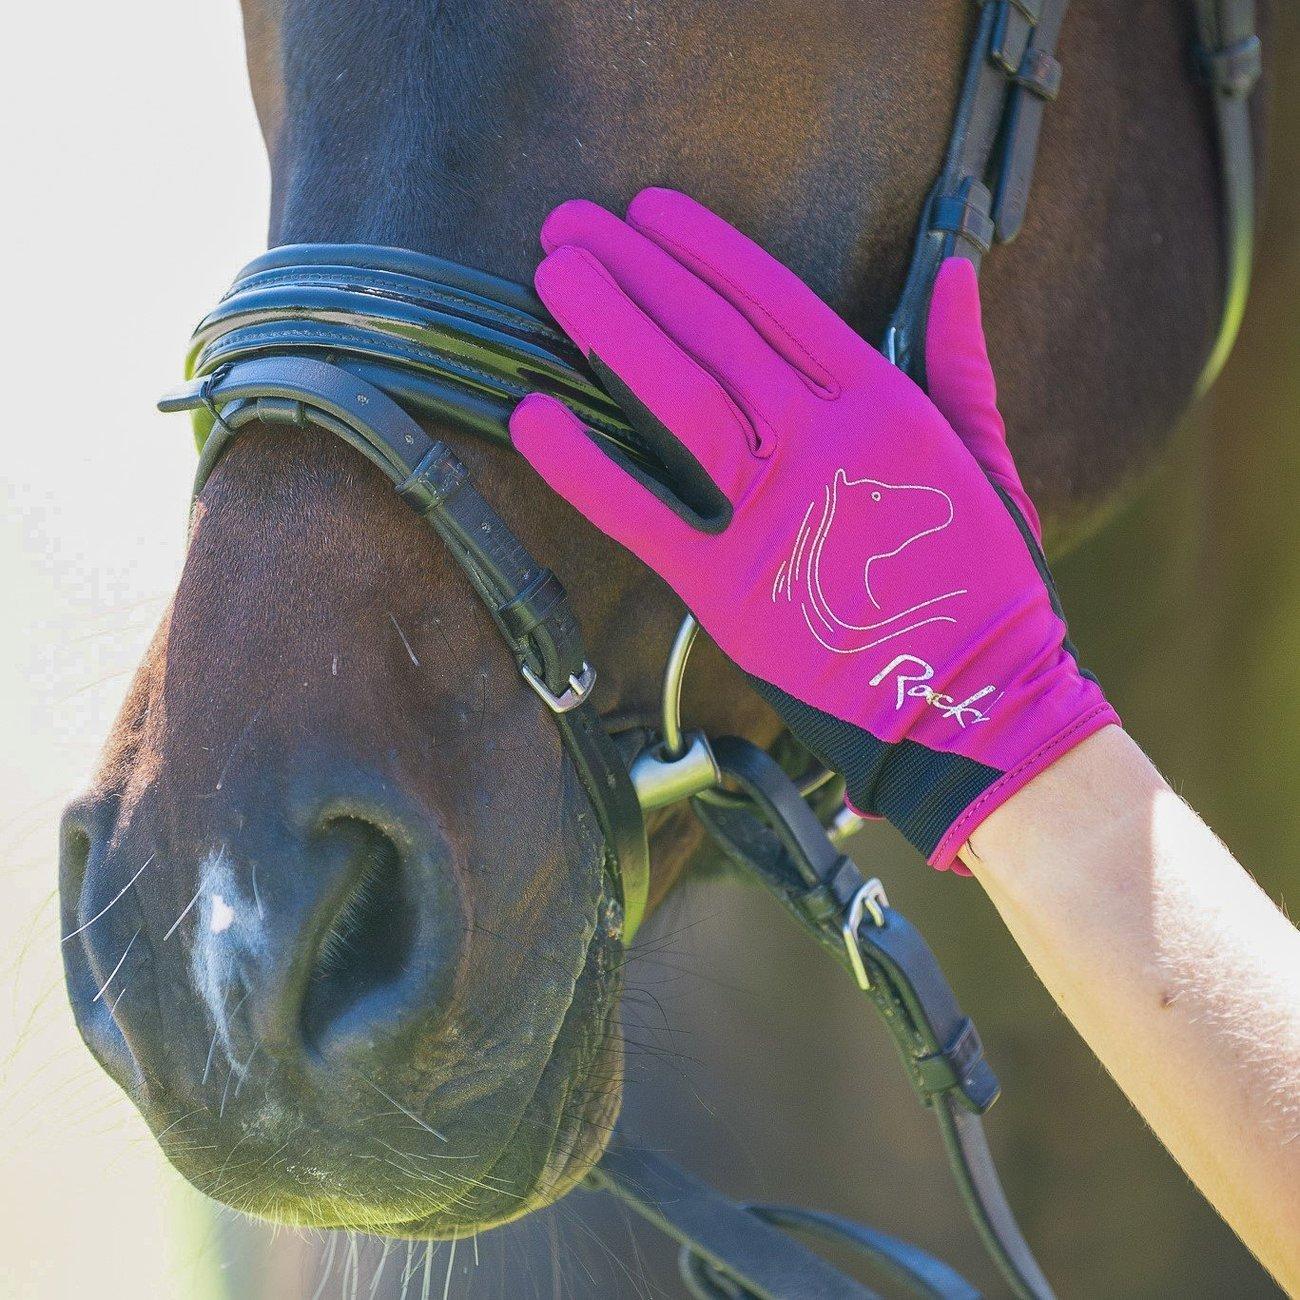 Roeckl Reit Handschuh Sommer Tryon, Bild 11